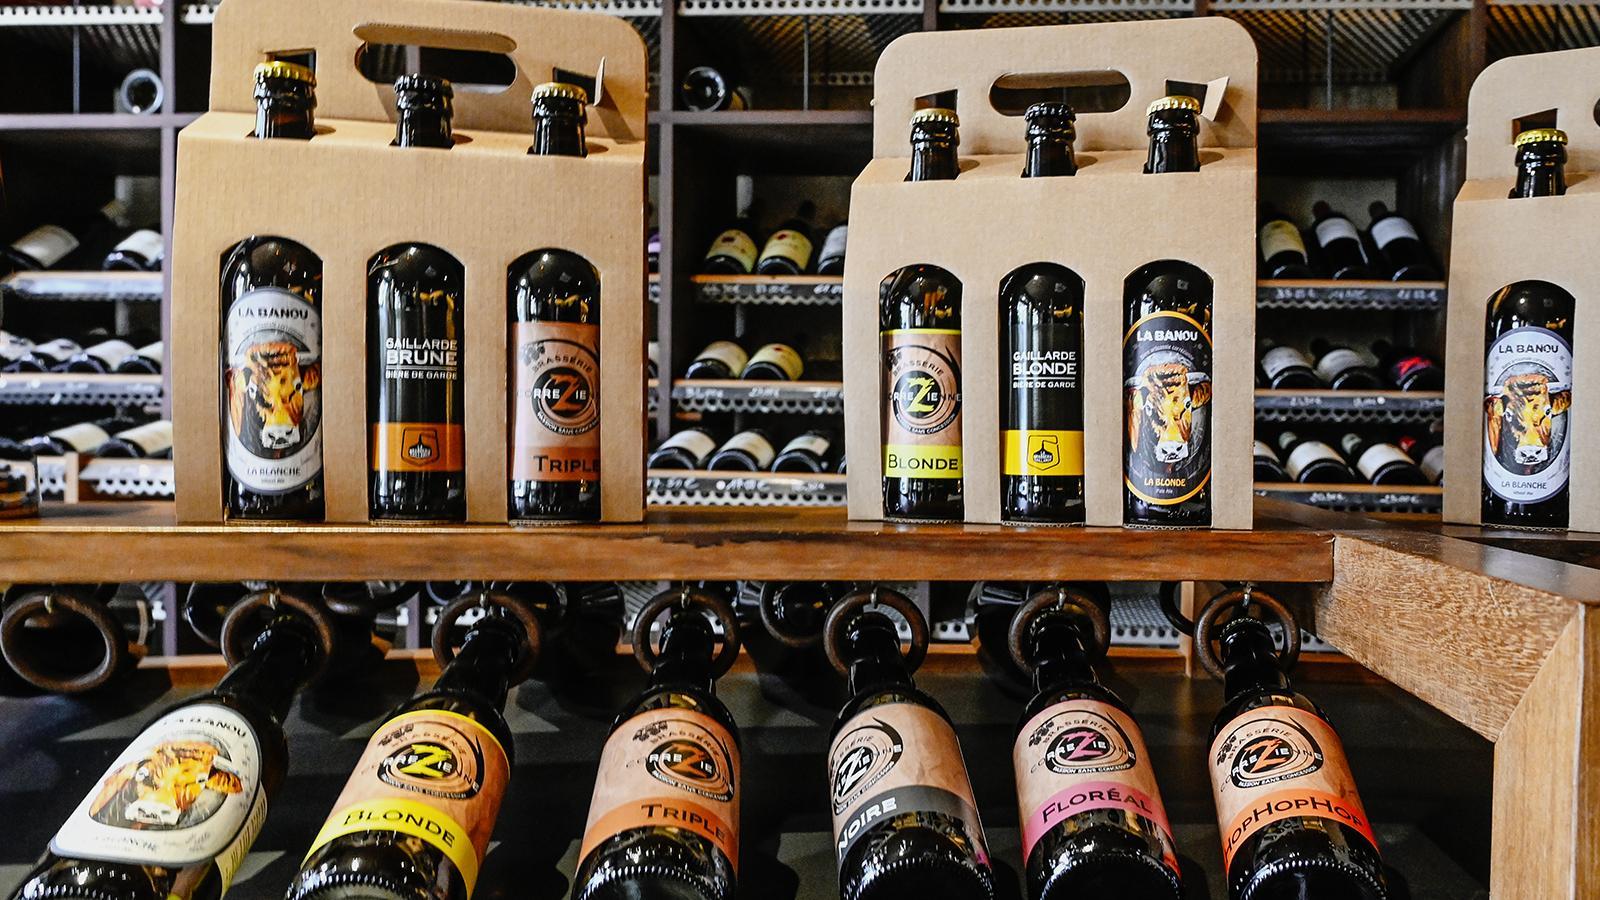 Eine Bierauswahl der Brasserie Gaillarde, wie sie in den Geschäften zu finden ist. Foto: Hilke Maunder